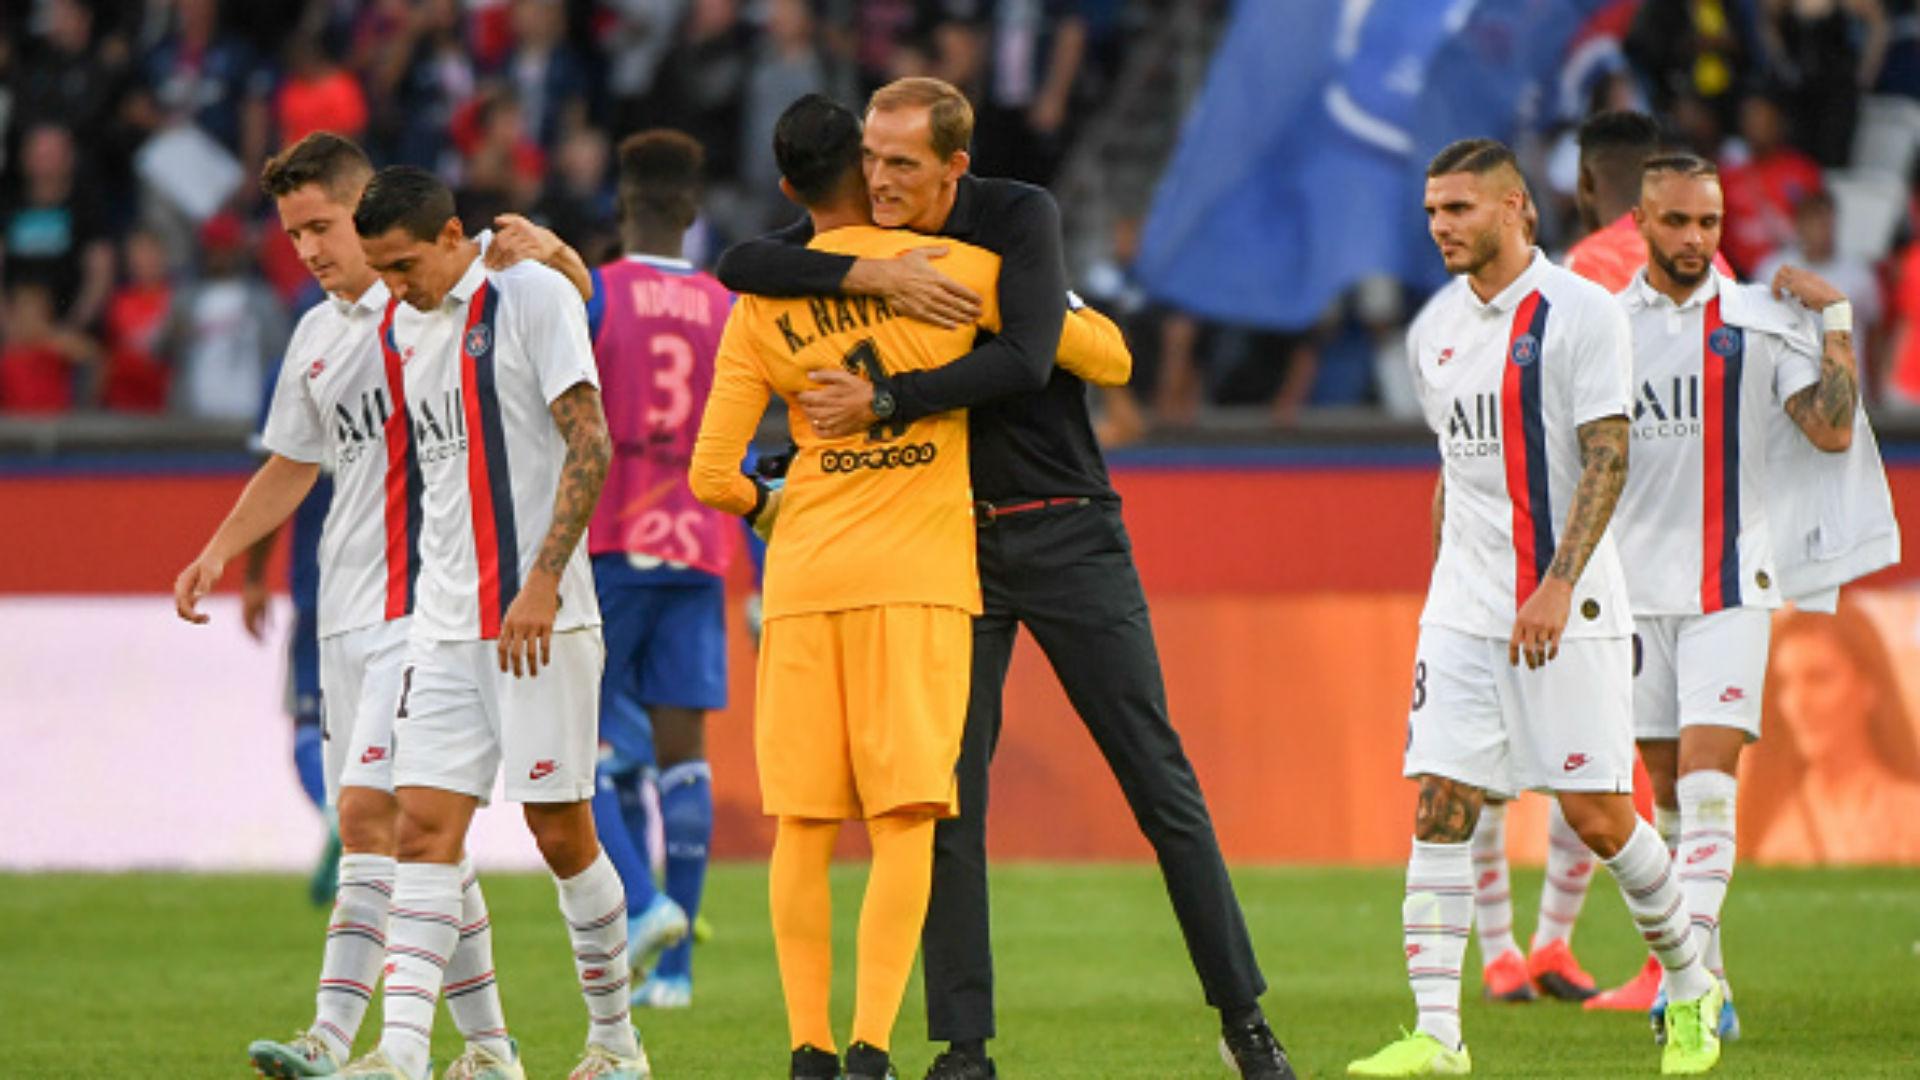 Ligue des champions - PSG vs. Real Madrid en chiffres